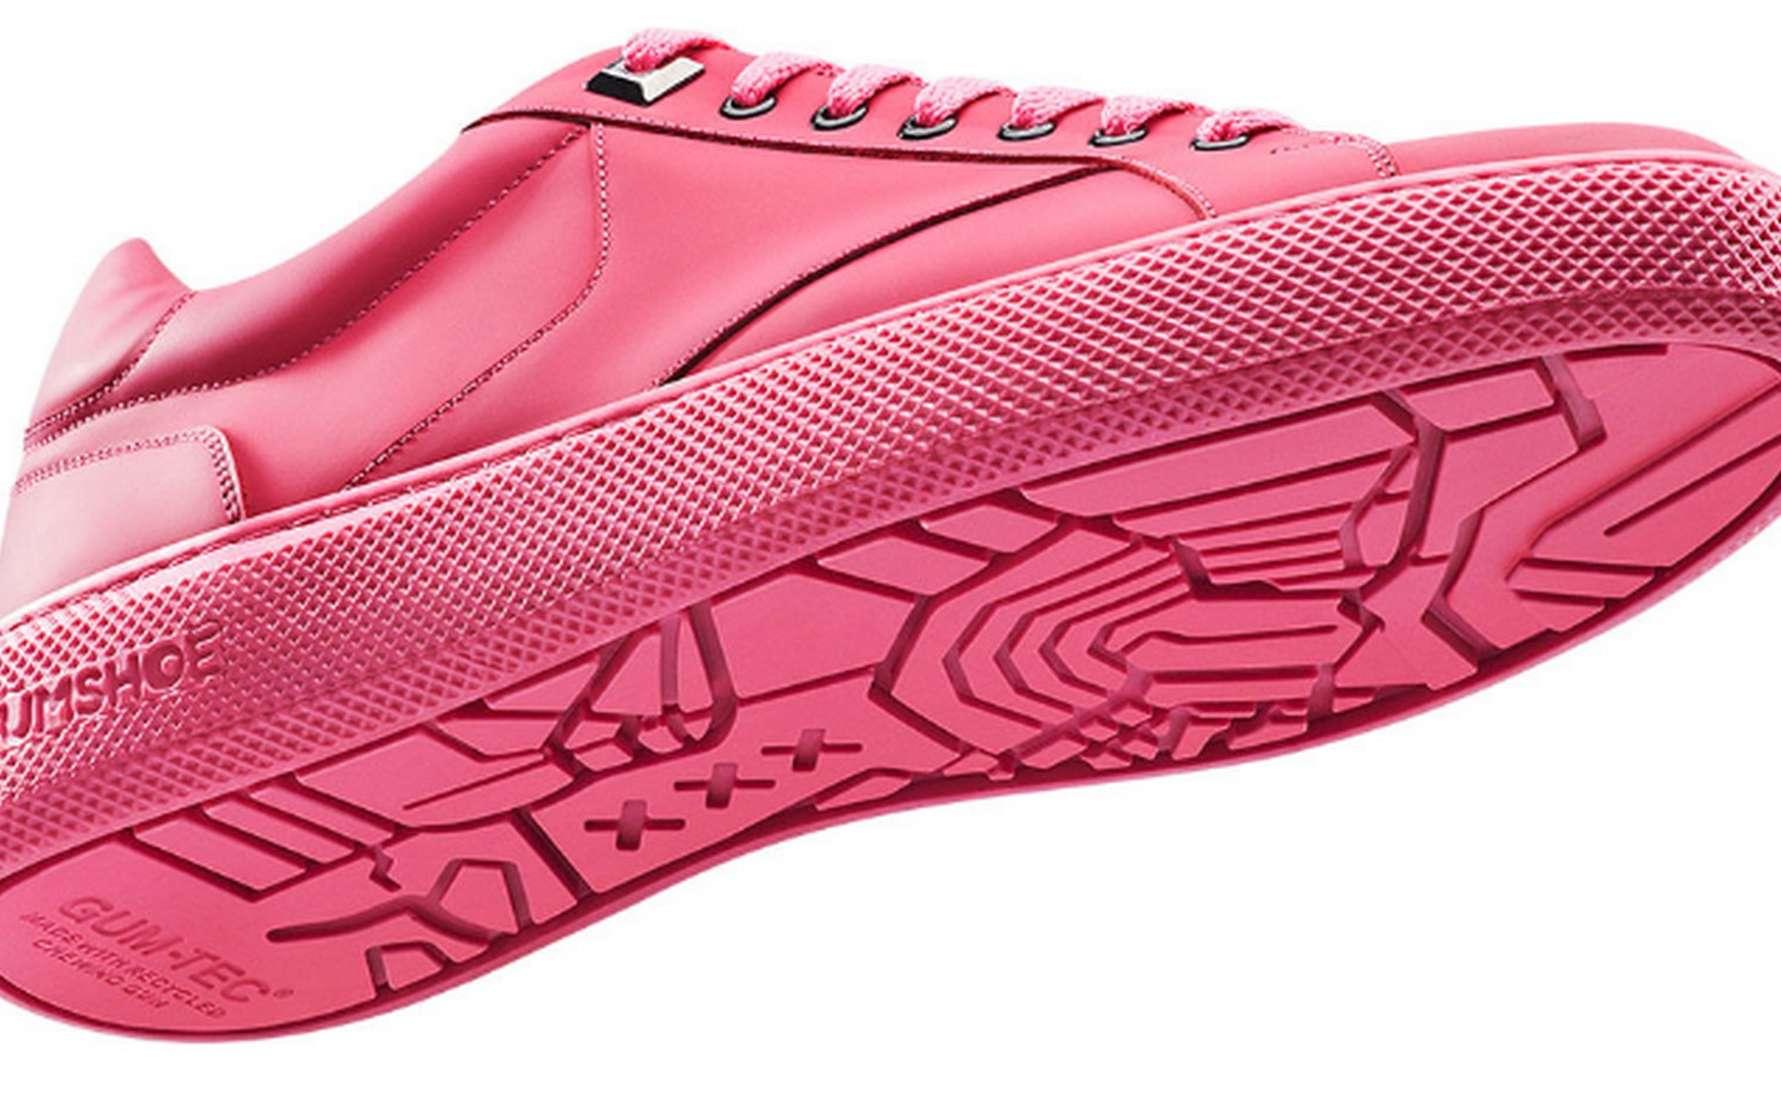 Une paire de Gumshoes coûte 190 euros, le prix de baskets de luxe. © Gumshoe